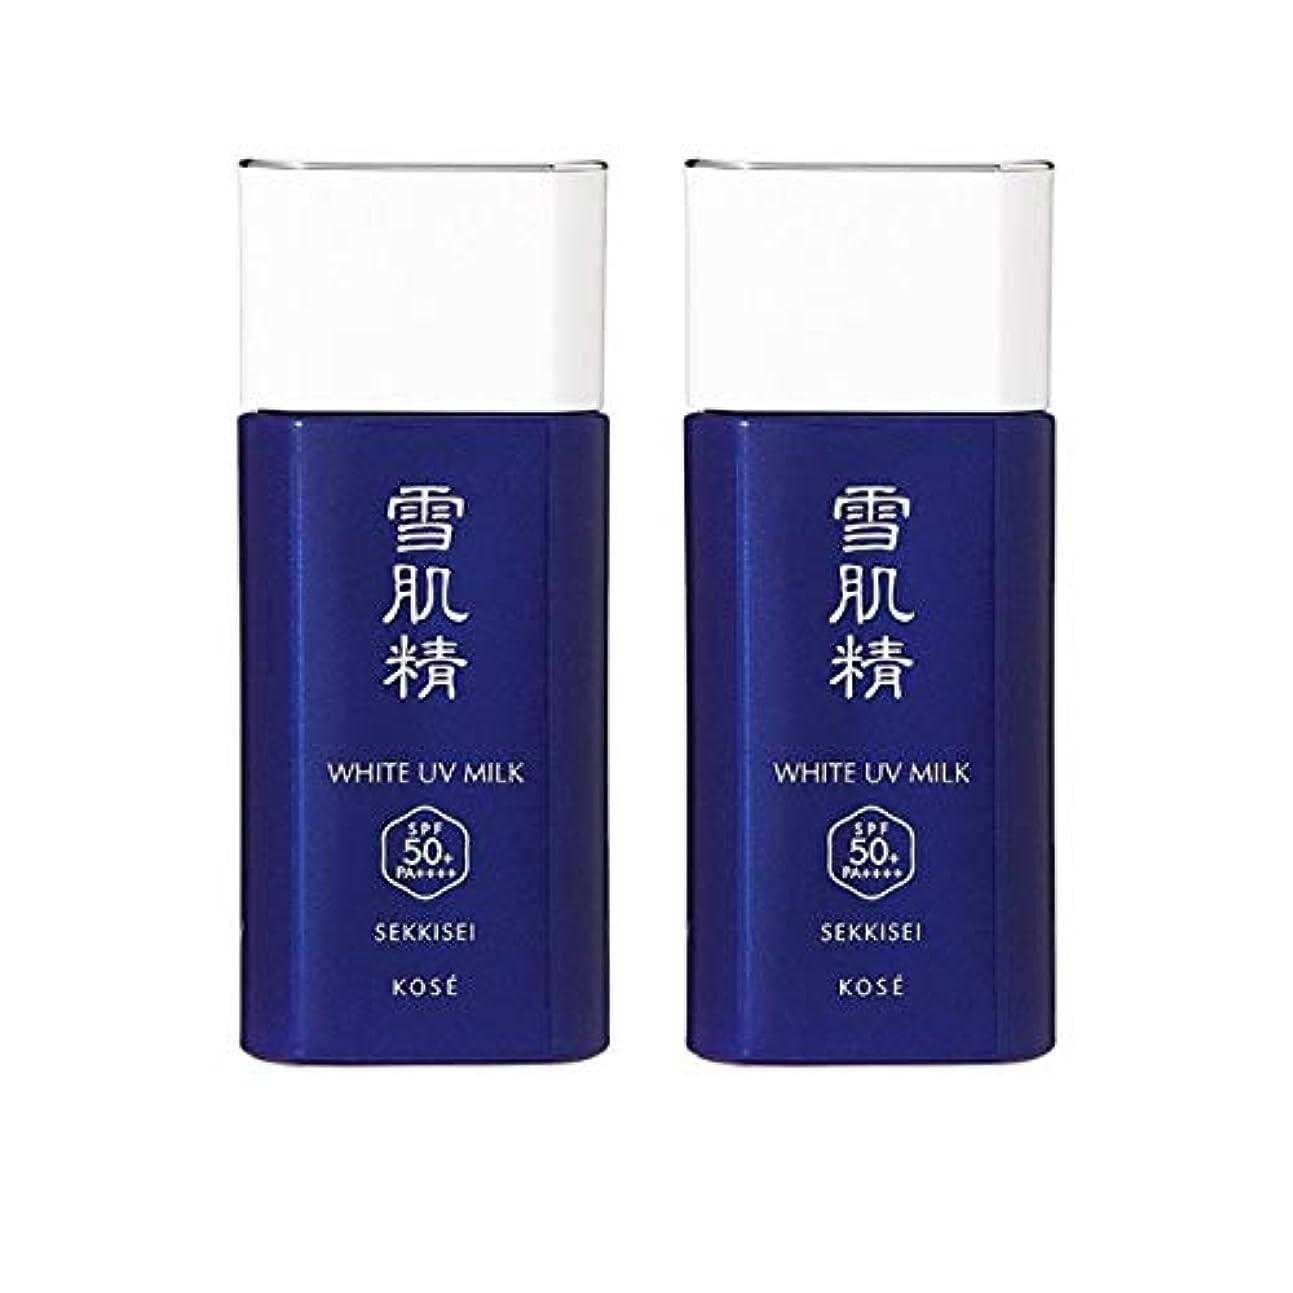 亜熱帯盟主フォルダ【セット】コーセー 雪肌精 ホワイト UV ミルク SPF50+/PA++++ 60g 2個セット